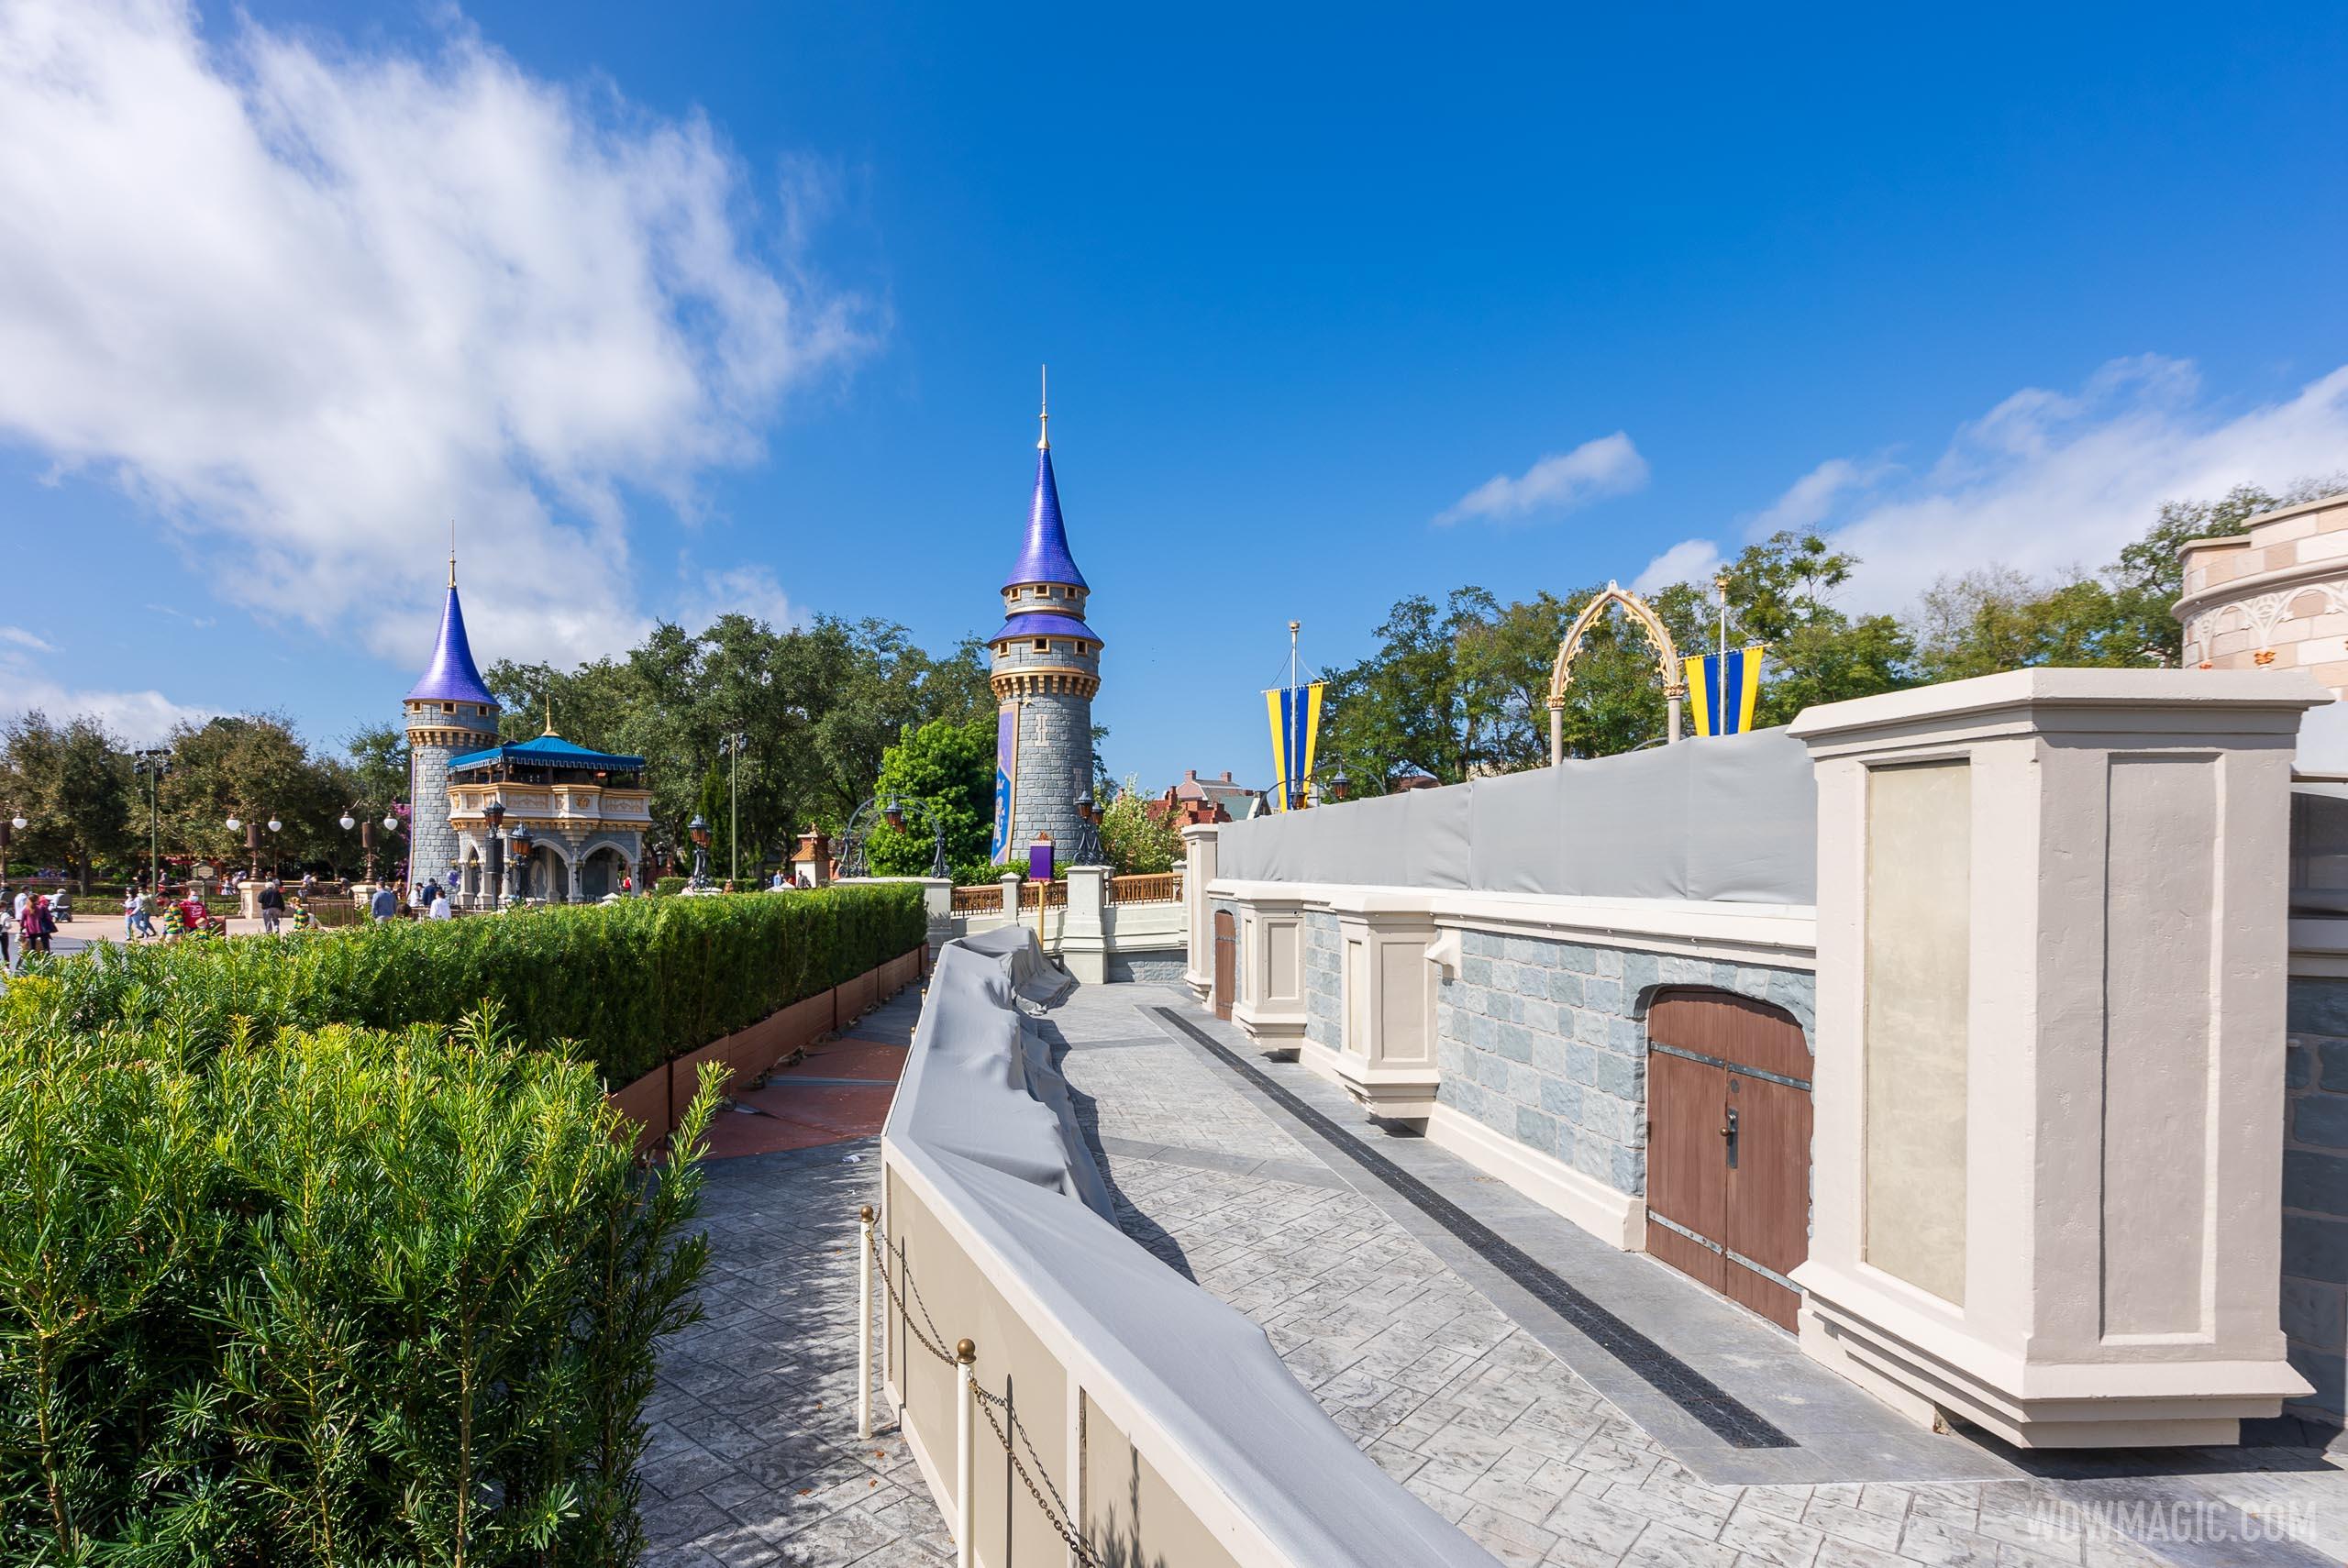 Cinderella Castle stage refurbishment - February 16 2021